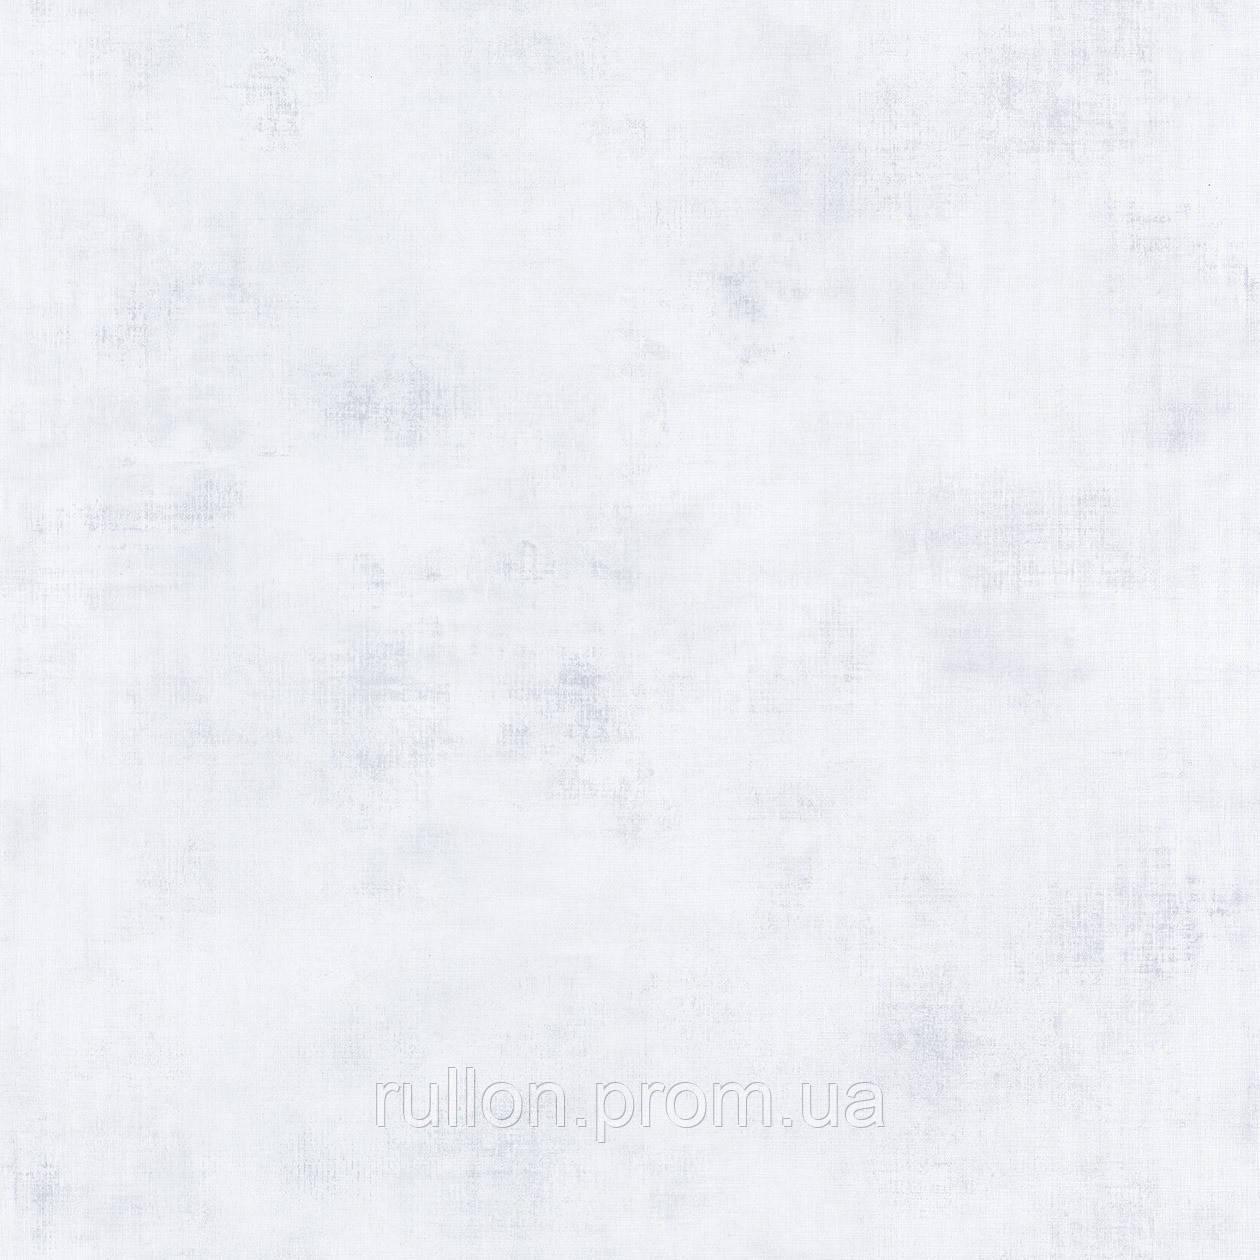 Обои Caselio TELAS 69879562 (Флизелиновые, бело-серые)